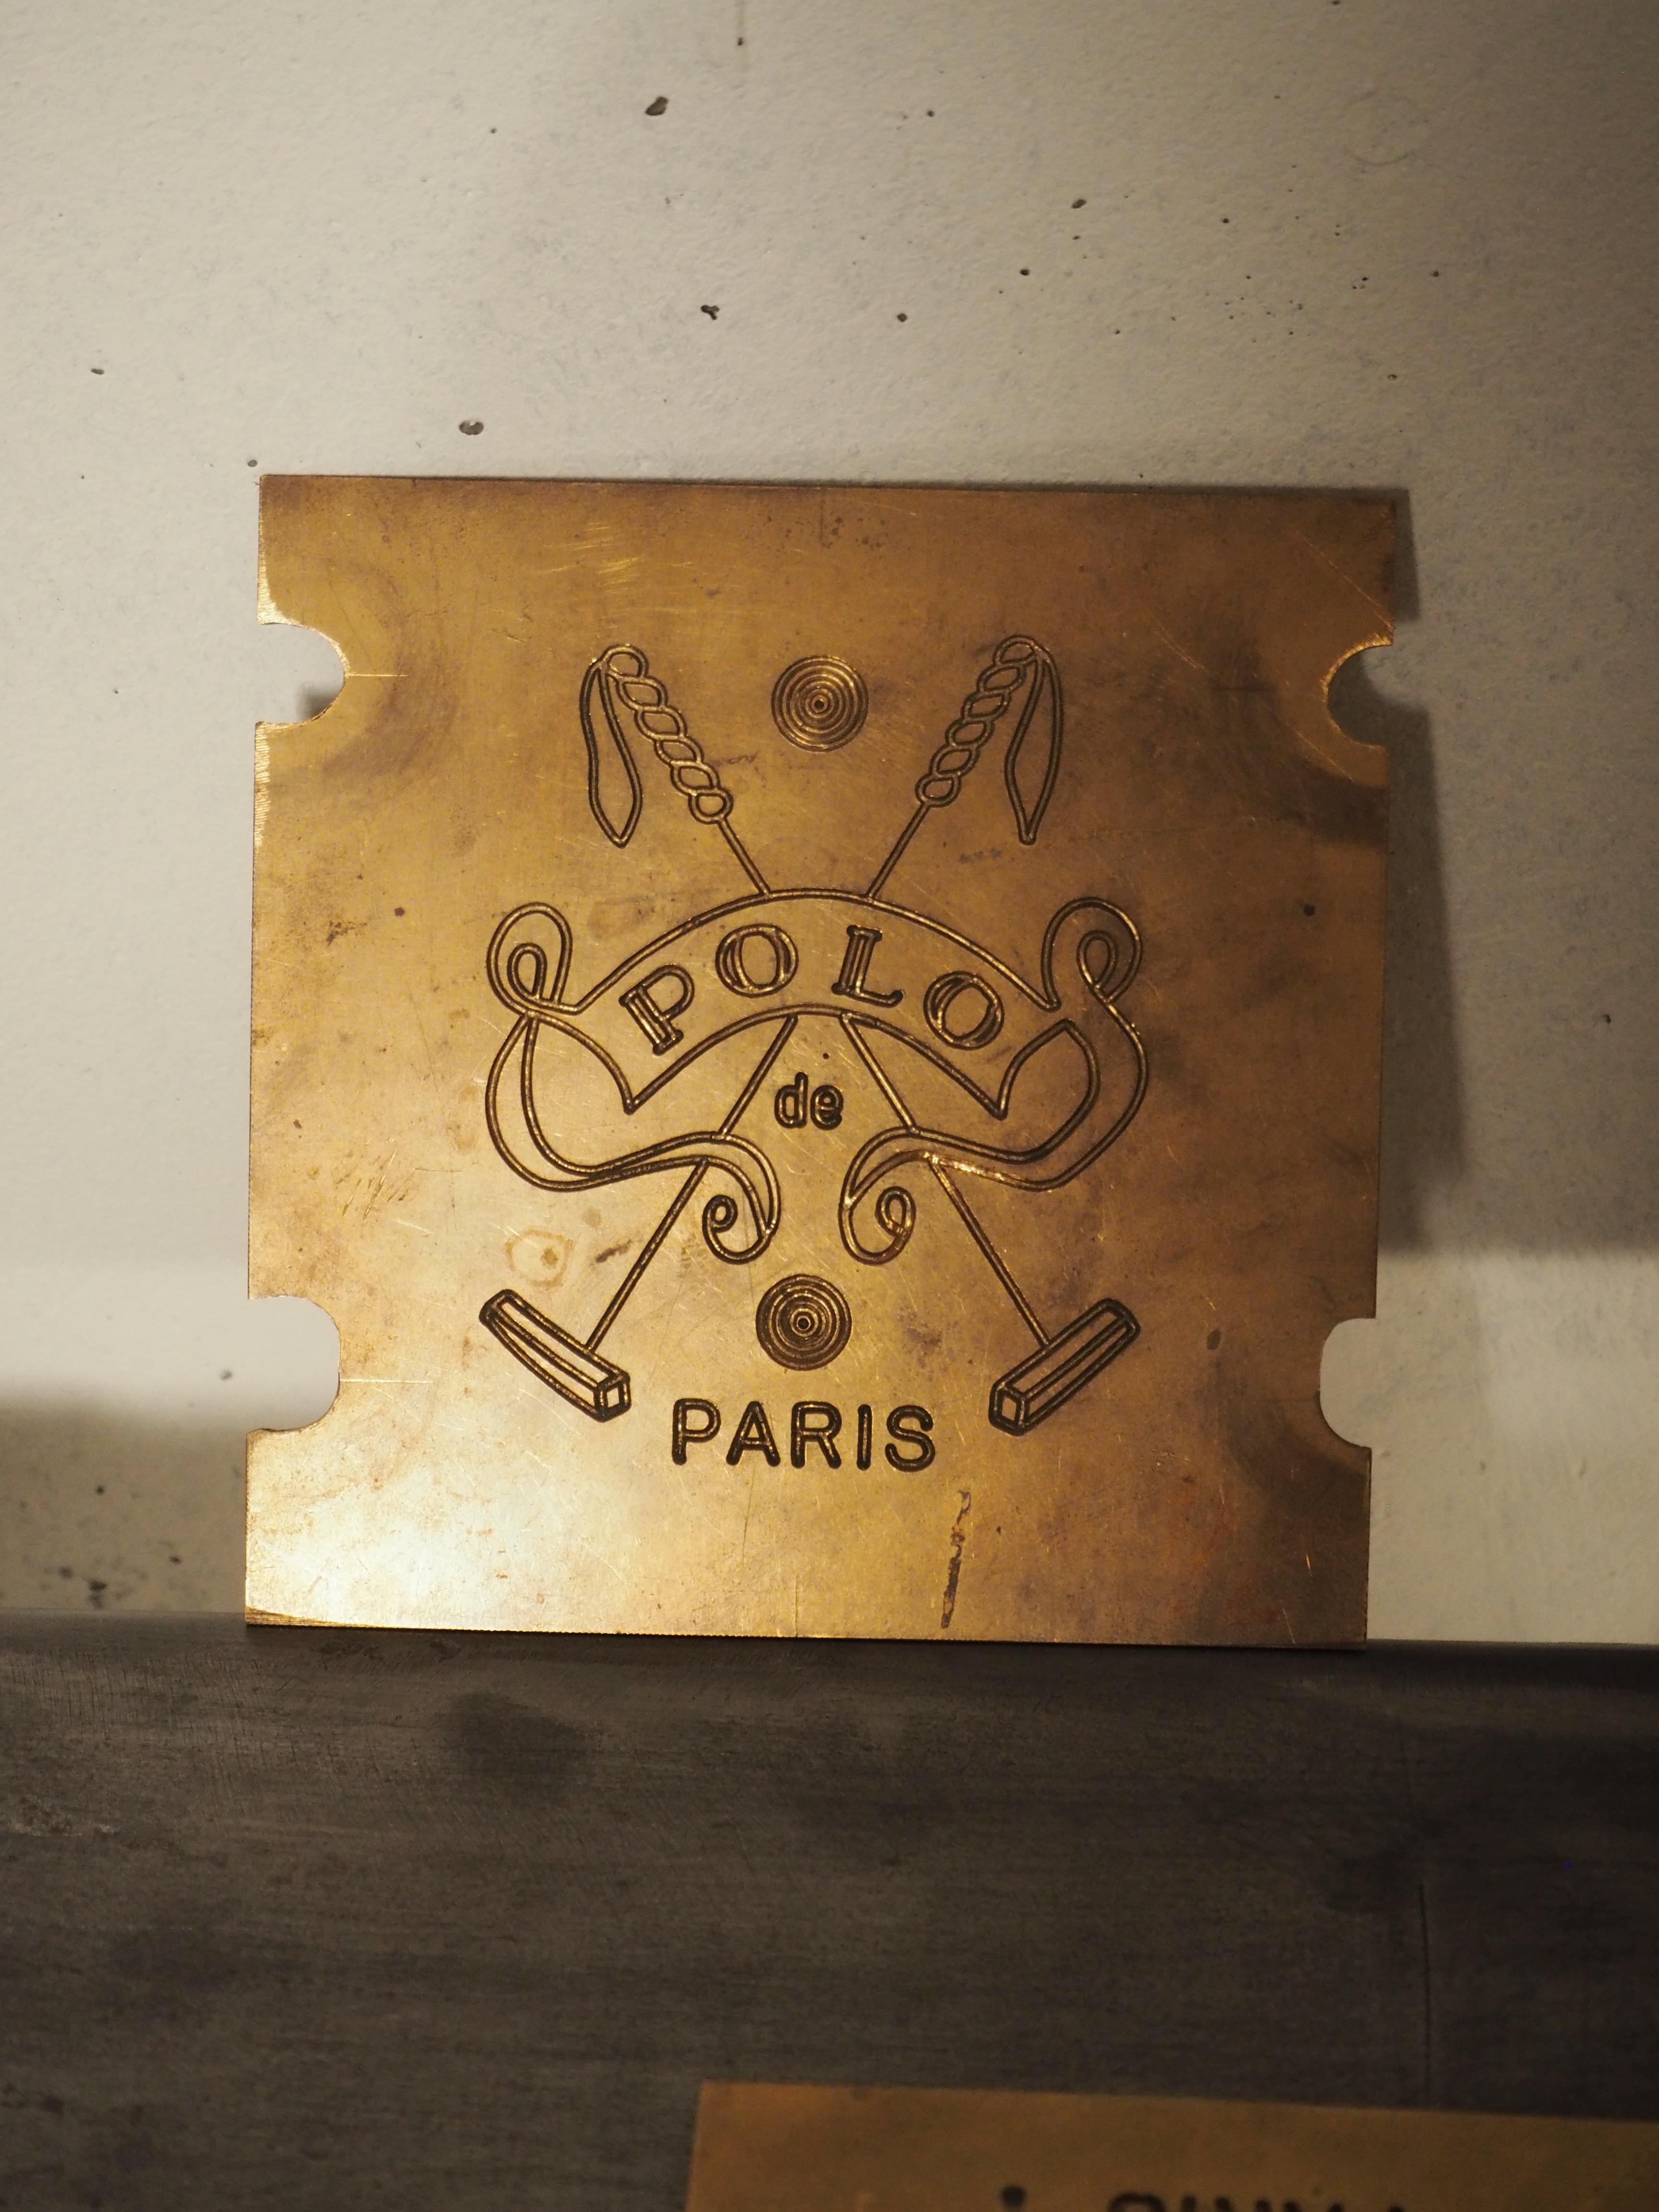 Moule plaque polo parisP1010076